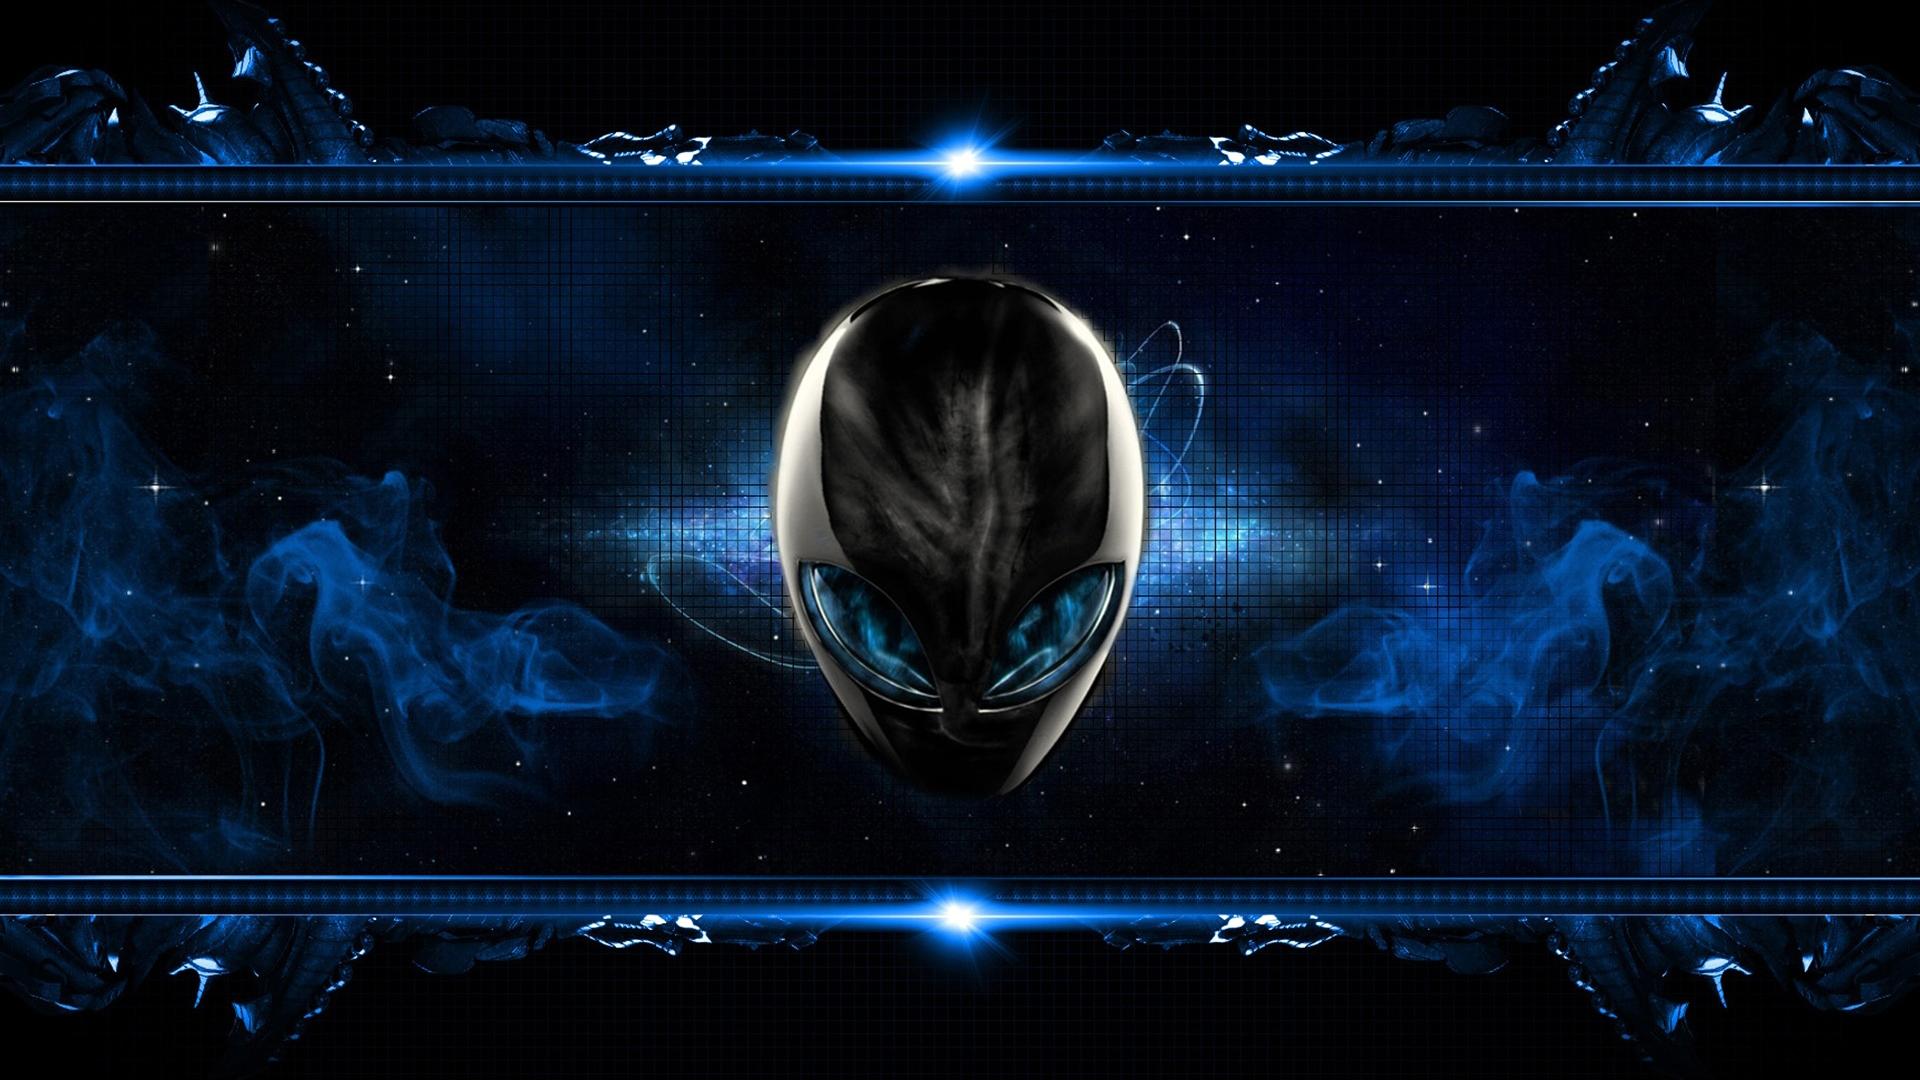 to HD Alienware Wallpapers 1920 1080 amp Alienware Backgrounds 1920x1080